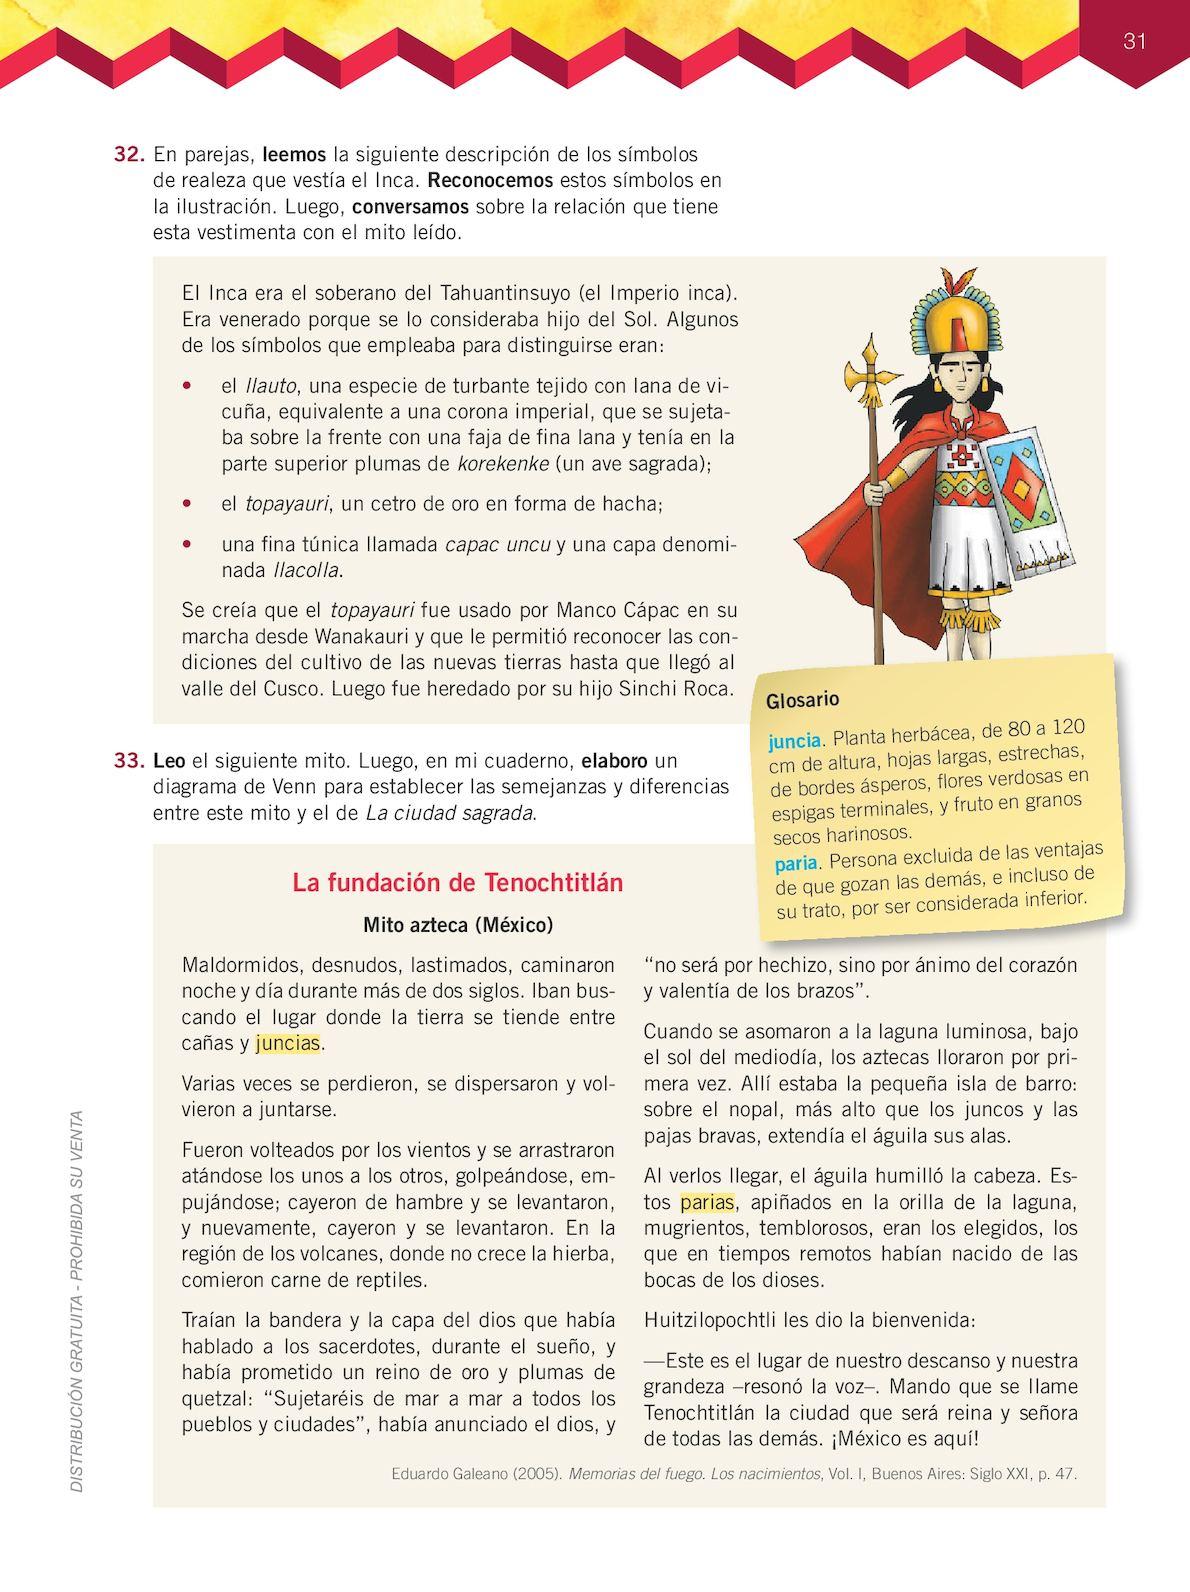 Lengua y literatura 9 calameo downloader page 32 ccuart Gallery